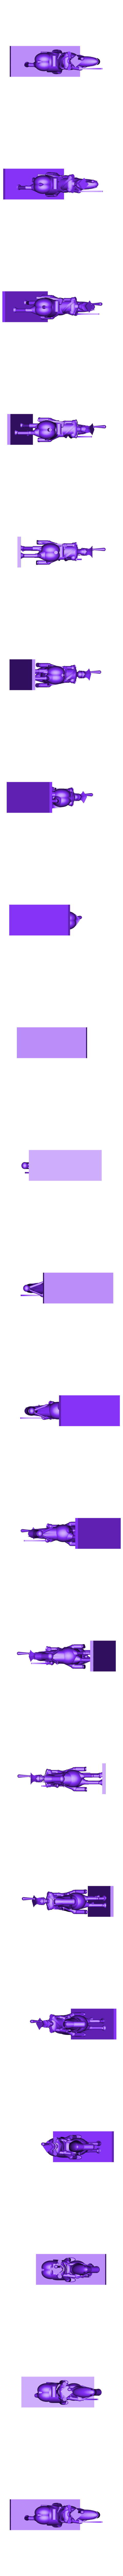 A2630fbb 098f 475a bc56 ebd4f5ce4519